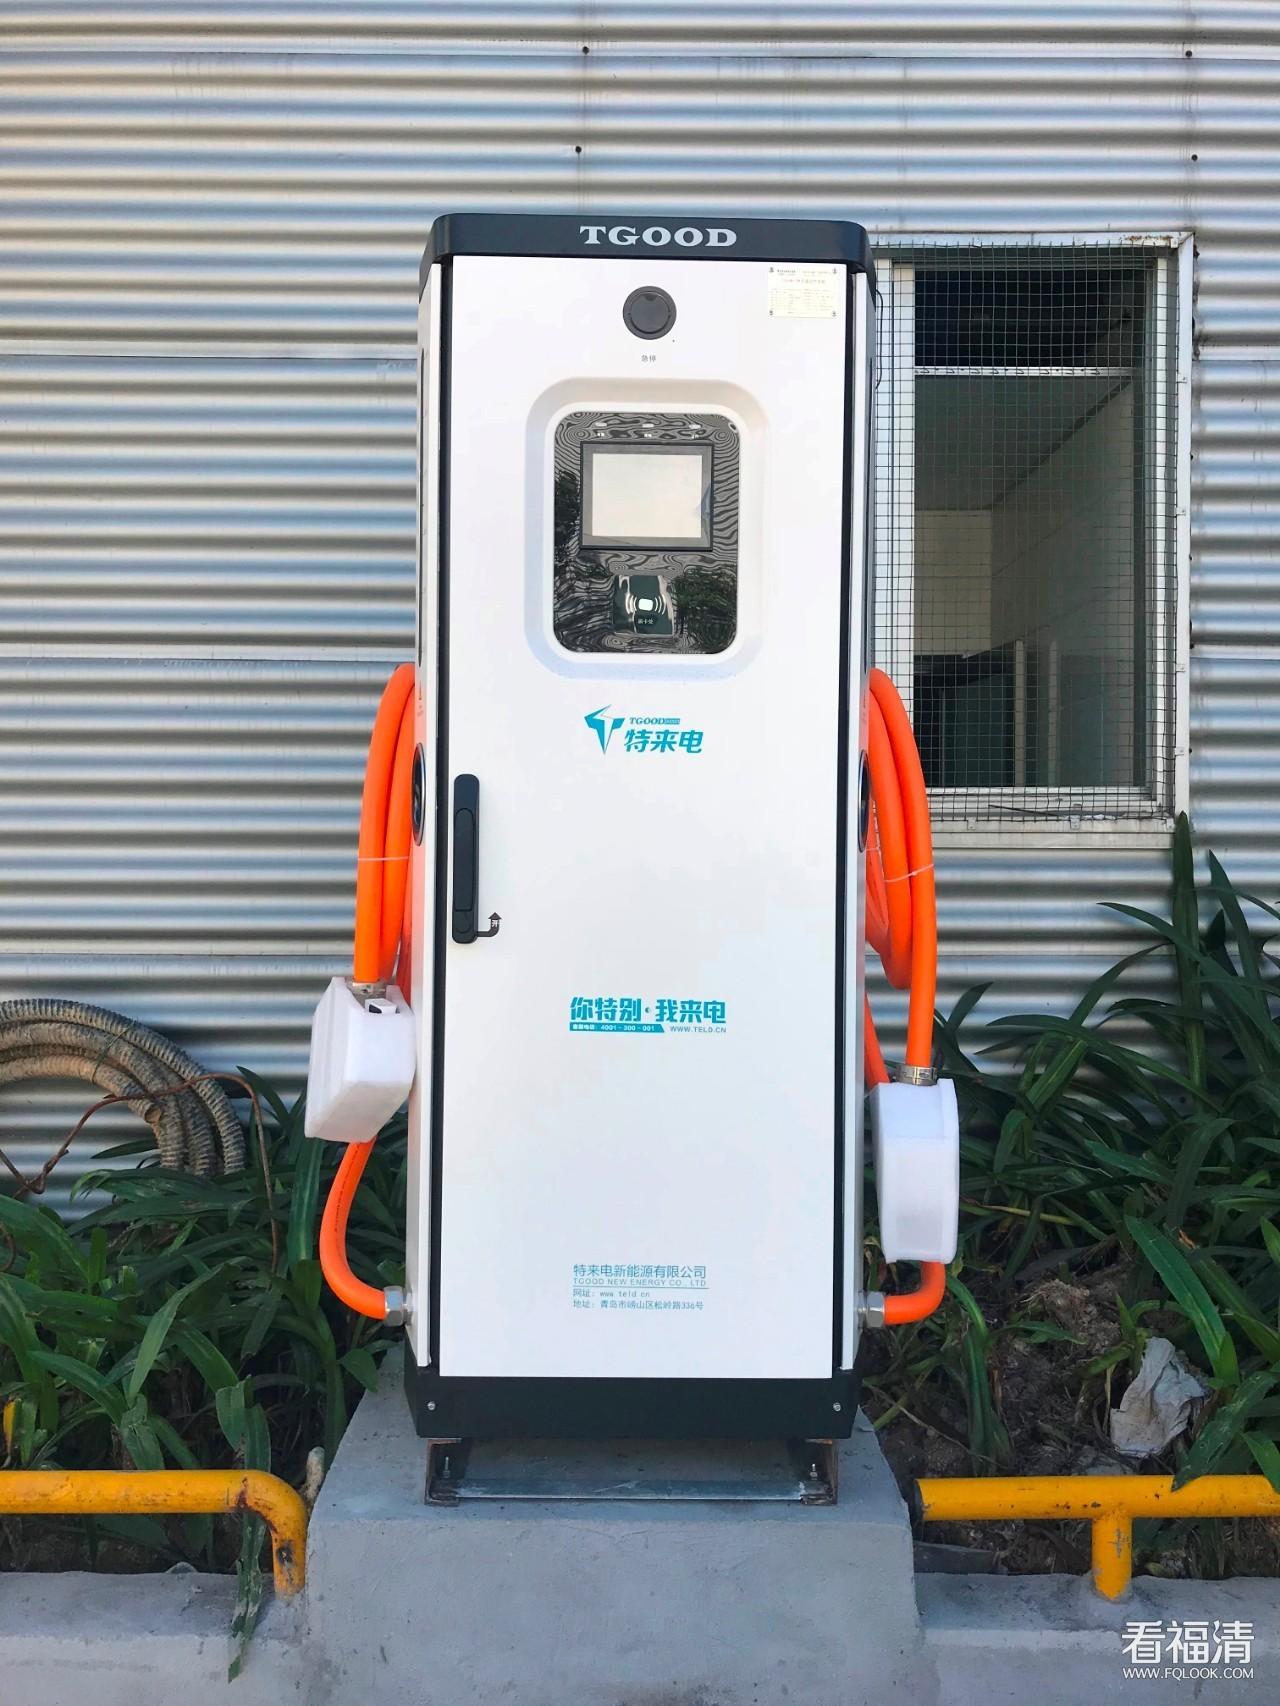 福清新能源汽车充电桩分布图出炉